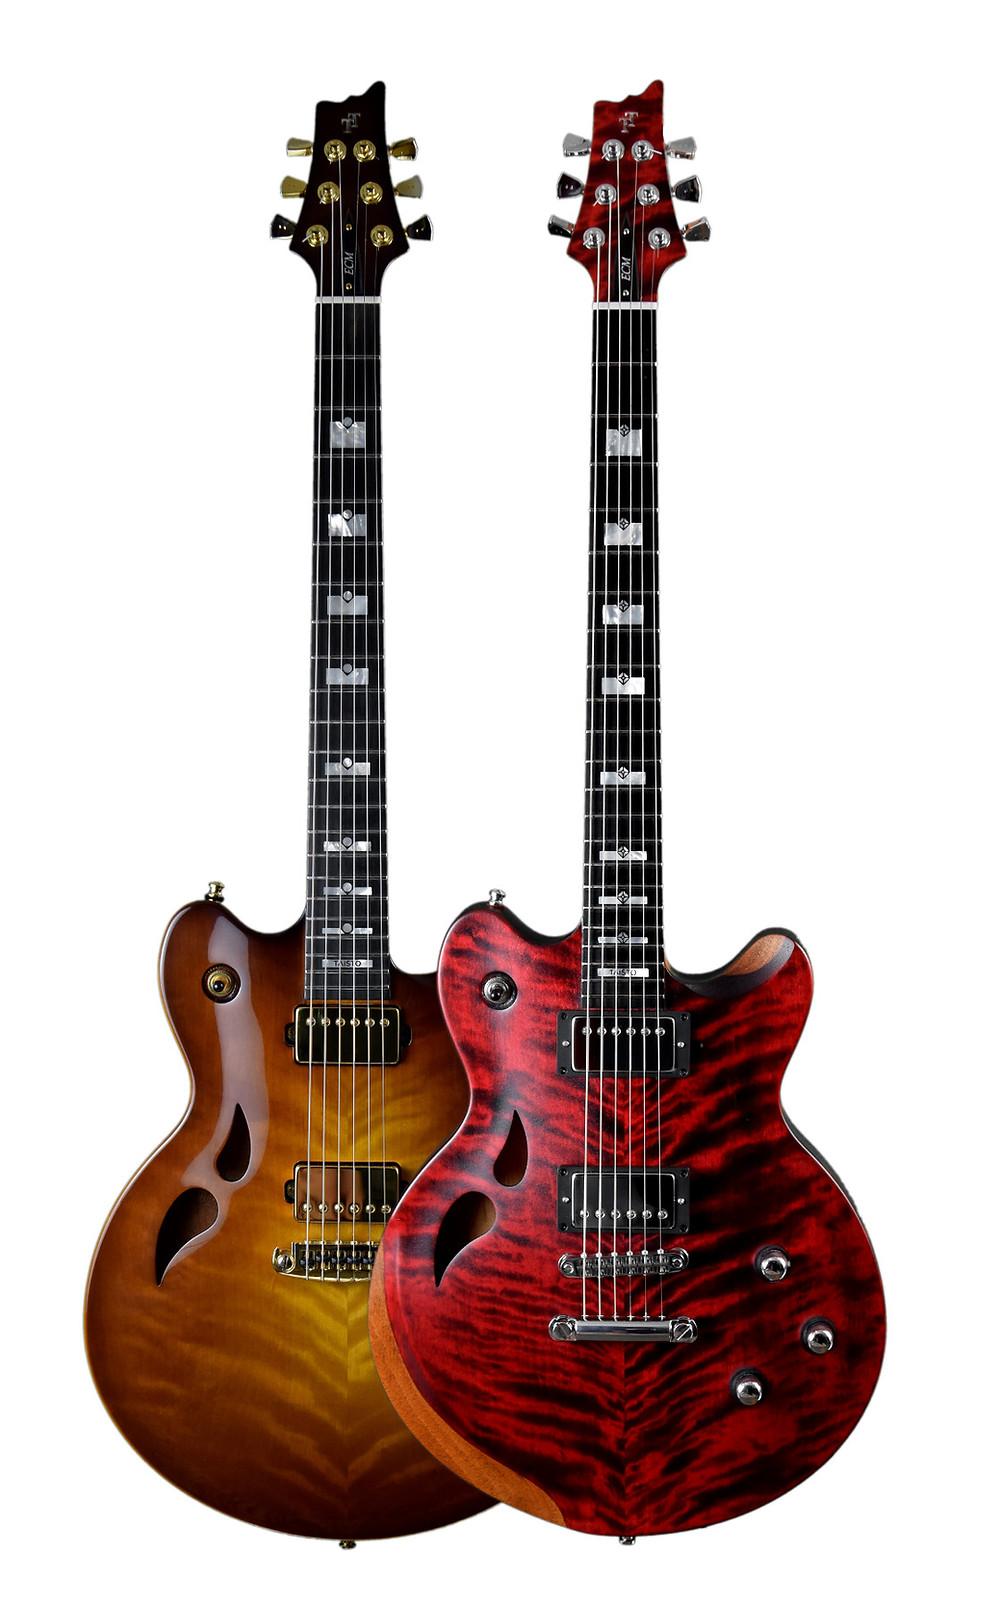 Taisto Guitars AROK-WG and AROK-TM